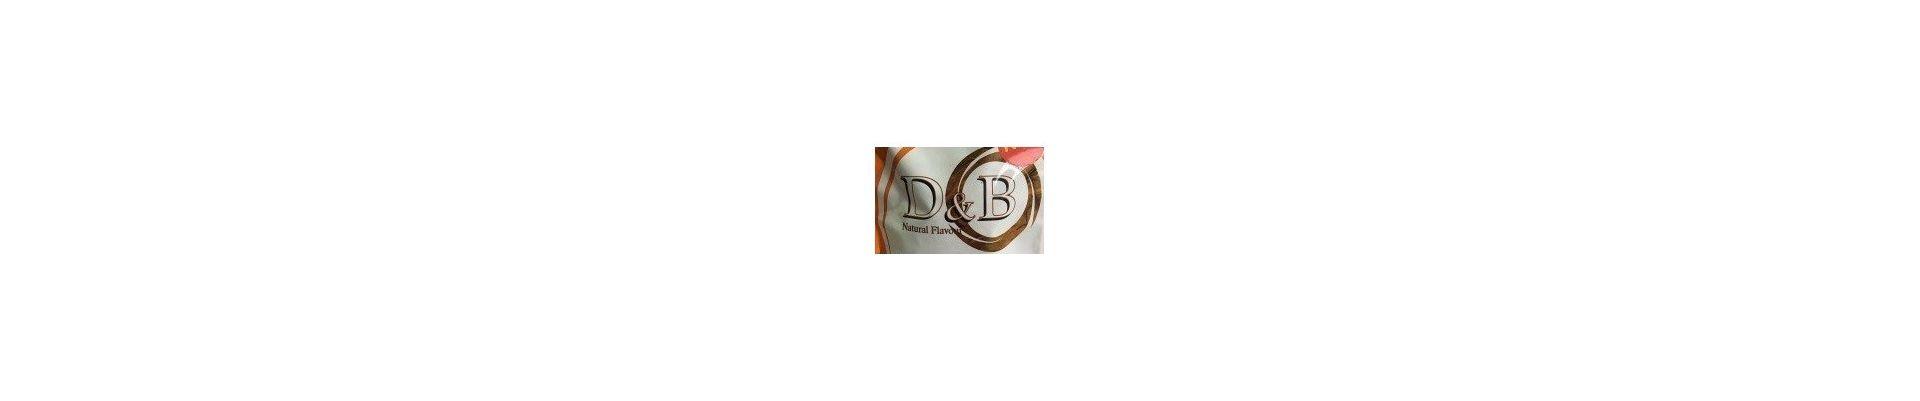 Tutungerie cu tutun de injectat D&B cu livrare din stoc.Pret tutun Original